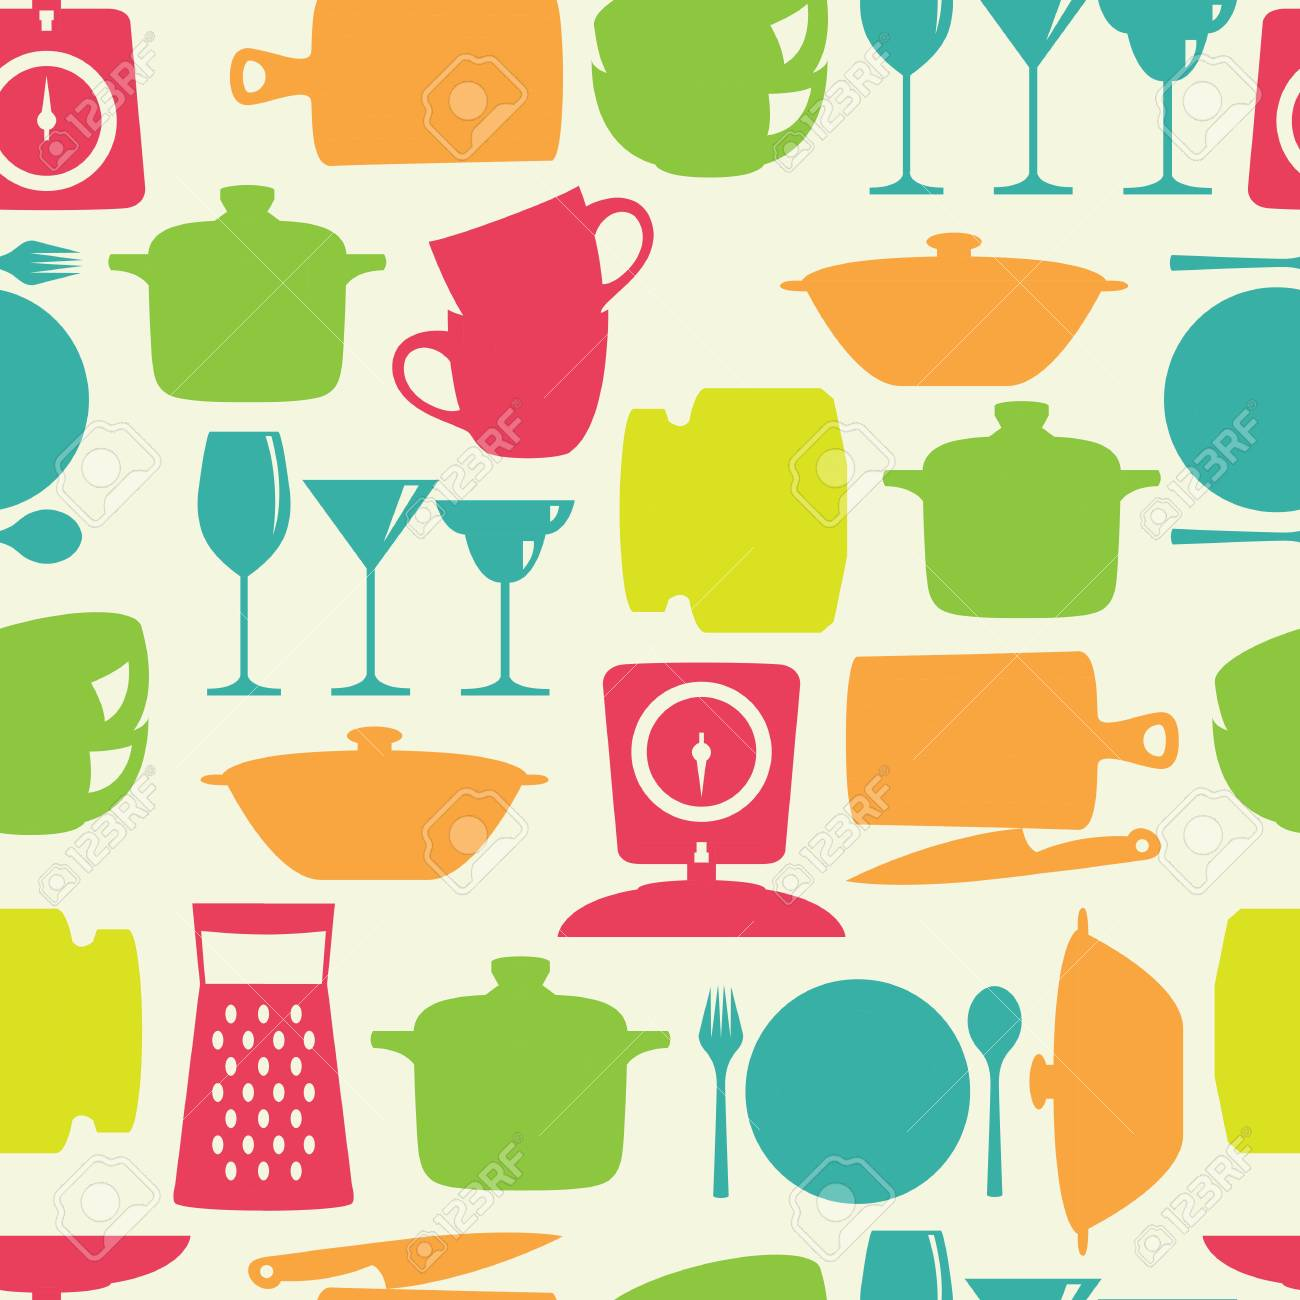 Küchenfliese Flache Farbe Design Silhouette Vektor Nahtlose Muster ...